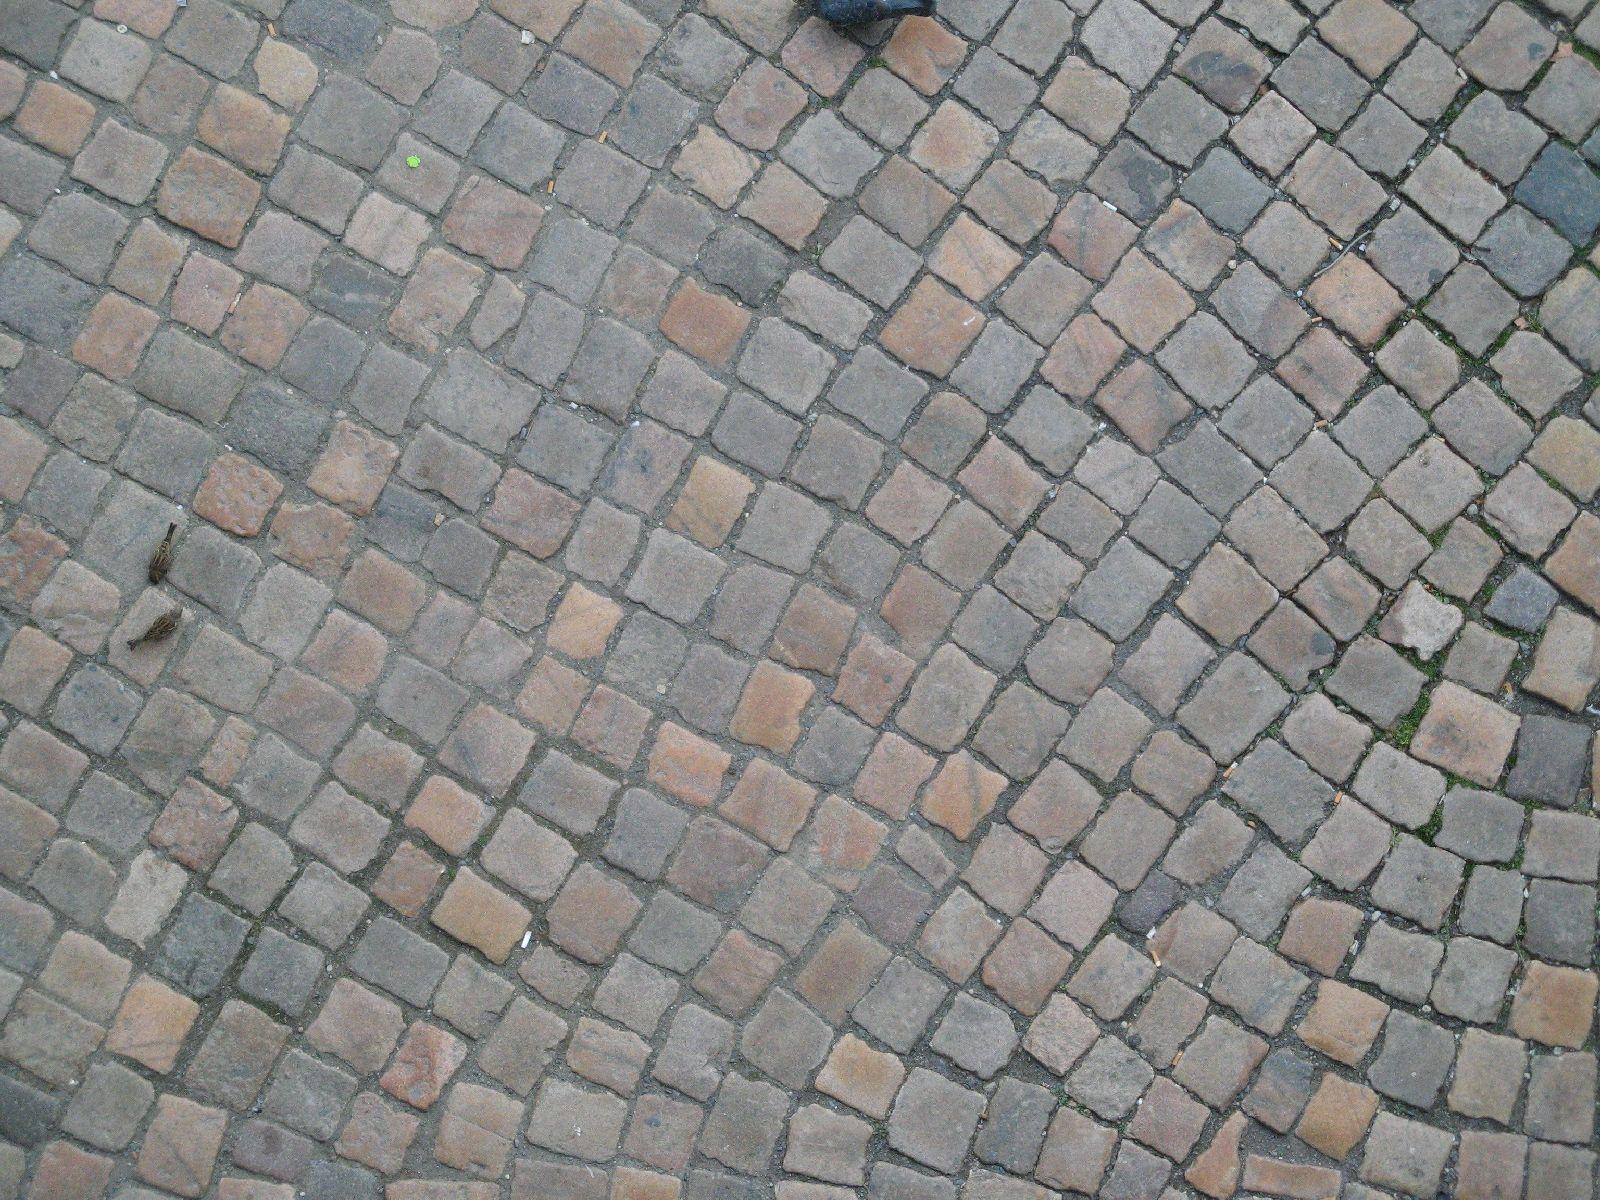 Ground-Urban_Texture_B_3539